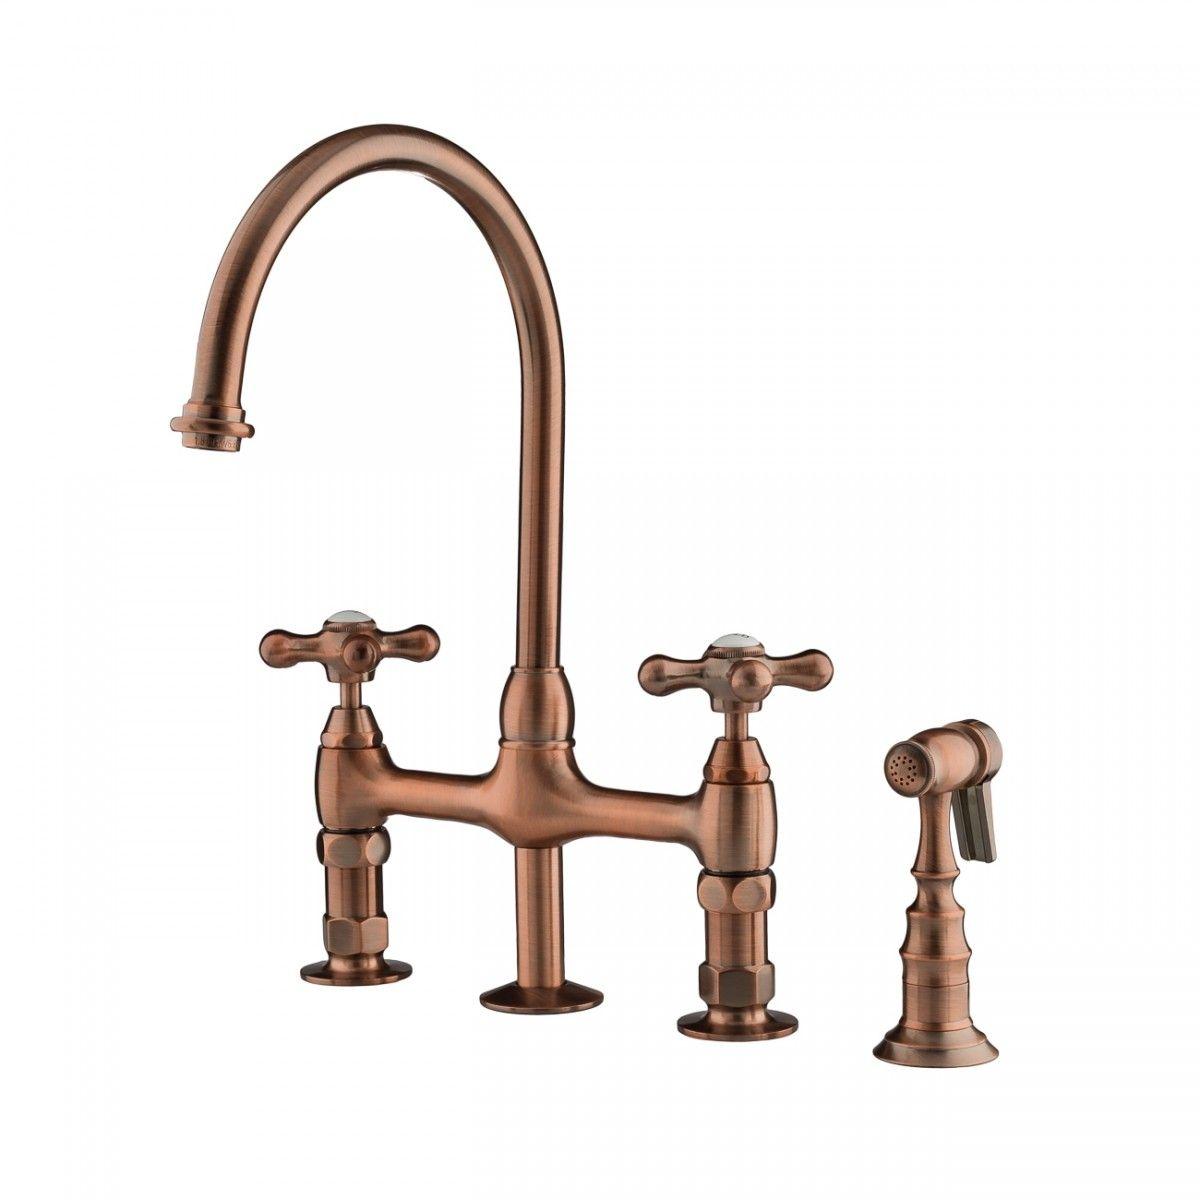 Gooseneck Bridge Style Kitchen Faucet Kitchen Styling Kitchen Faucet Design Faucet